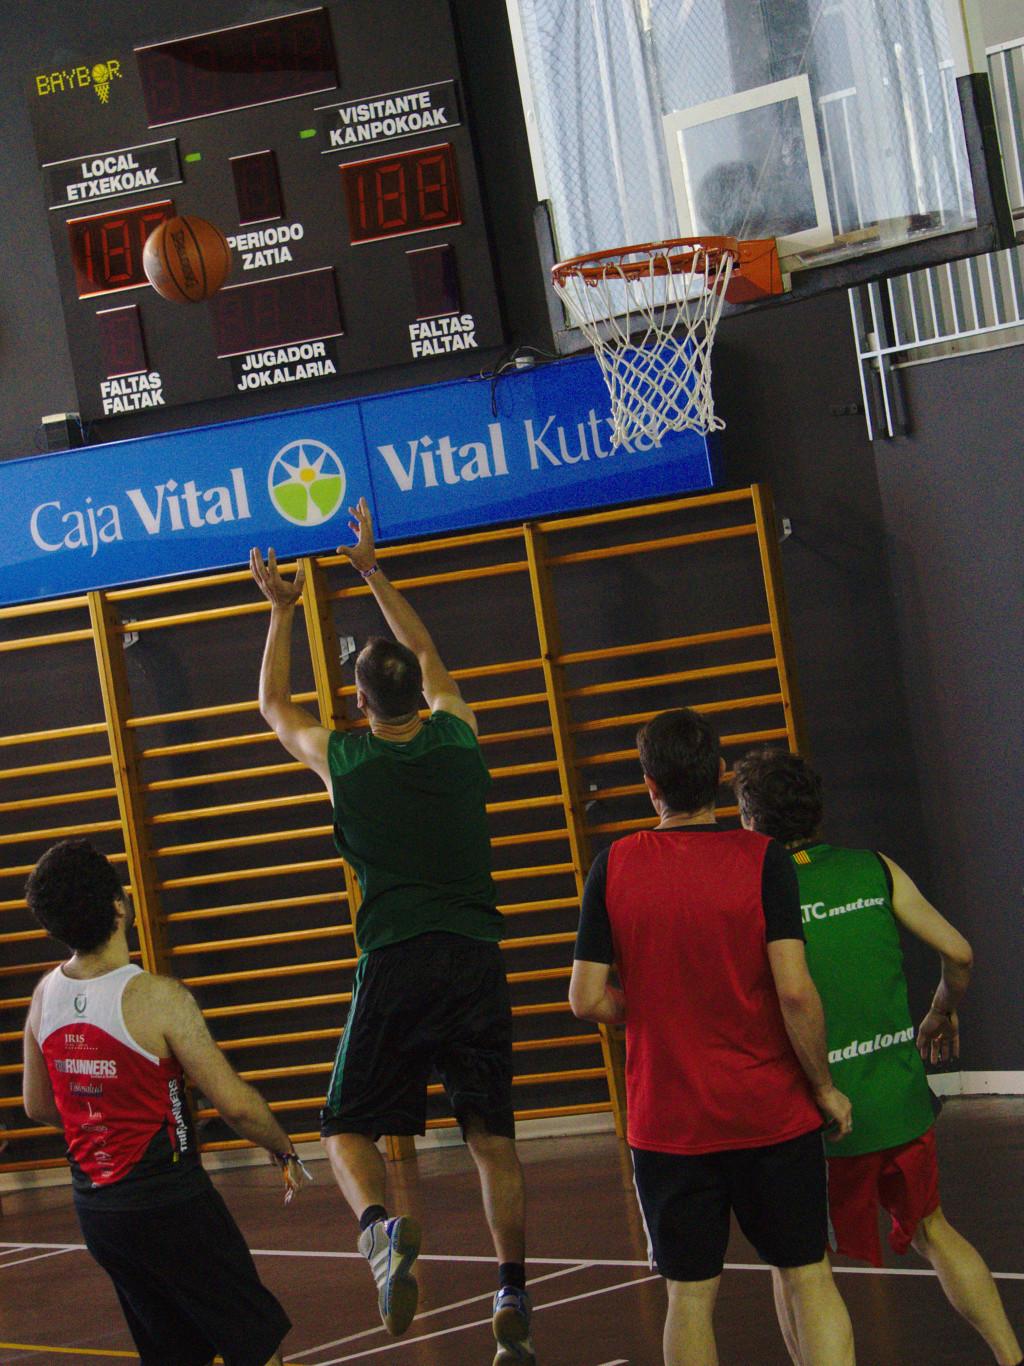 Pachanga De Basket ARF ¡ OTRO AÑO MAS ROCKET CAMPEÓN! - Página 11 Dsc02213